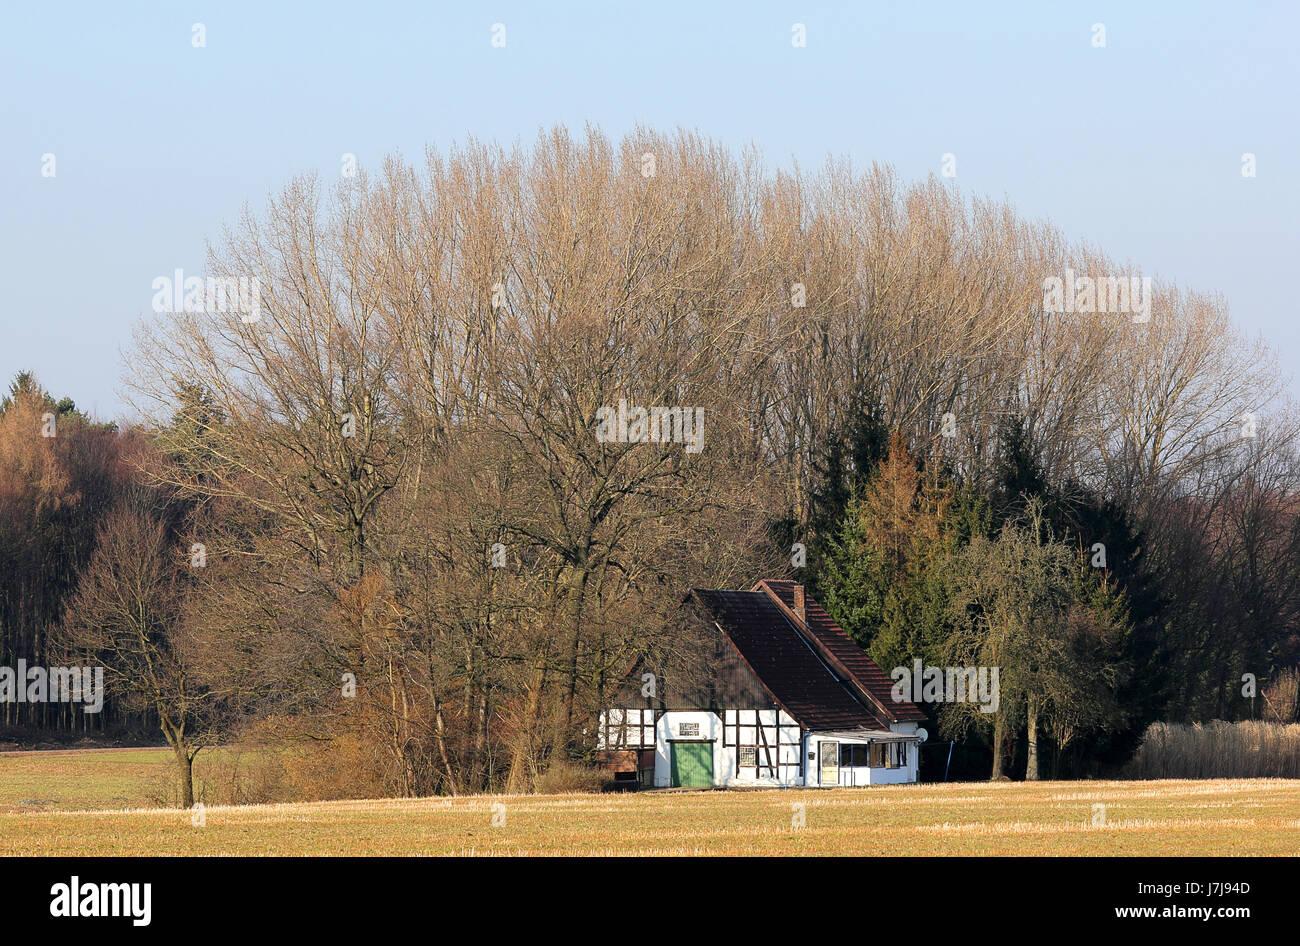 Baum Strahl Feld Büschel von Bäumen Rahmenarbeit Stoppeln ...